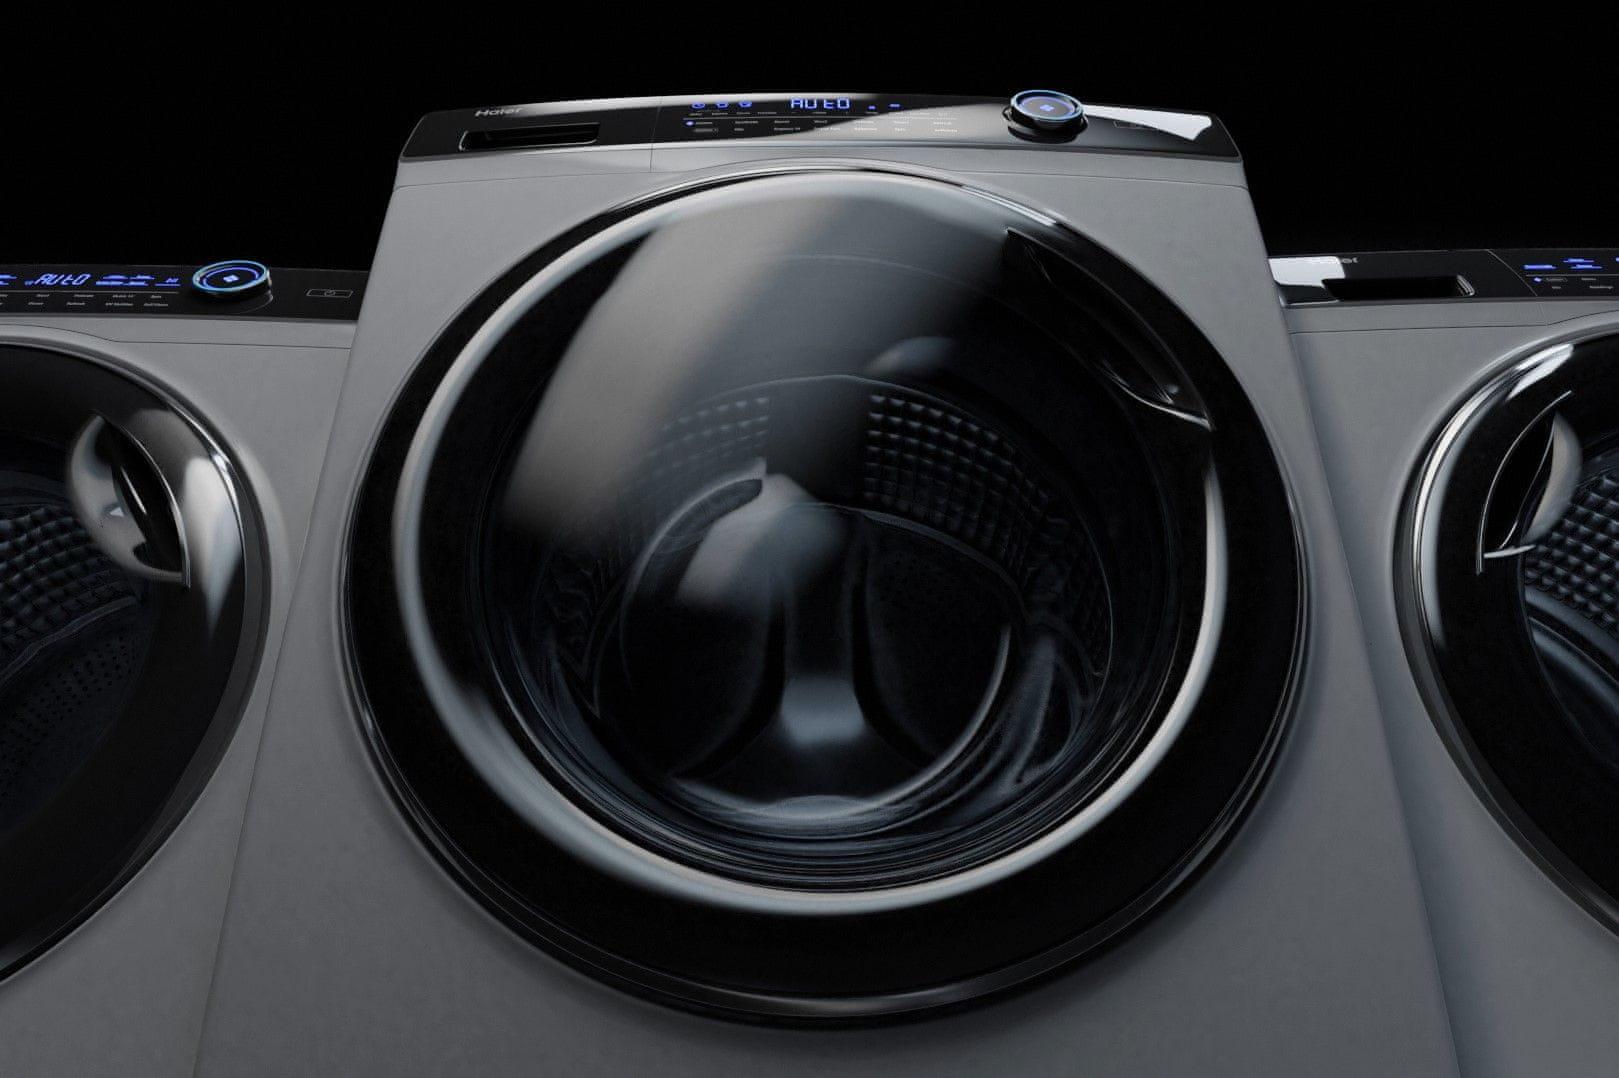 Sušička Haier HD100-A2979-S vnitřní osvětlení bubnu